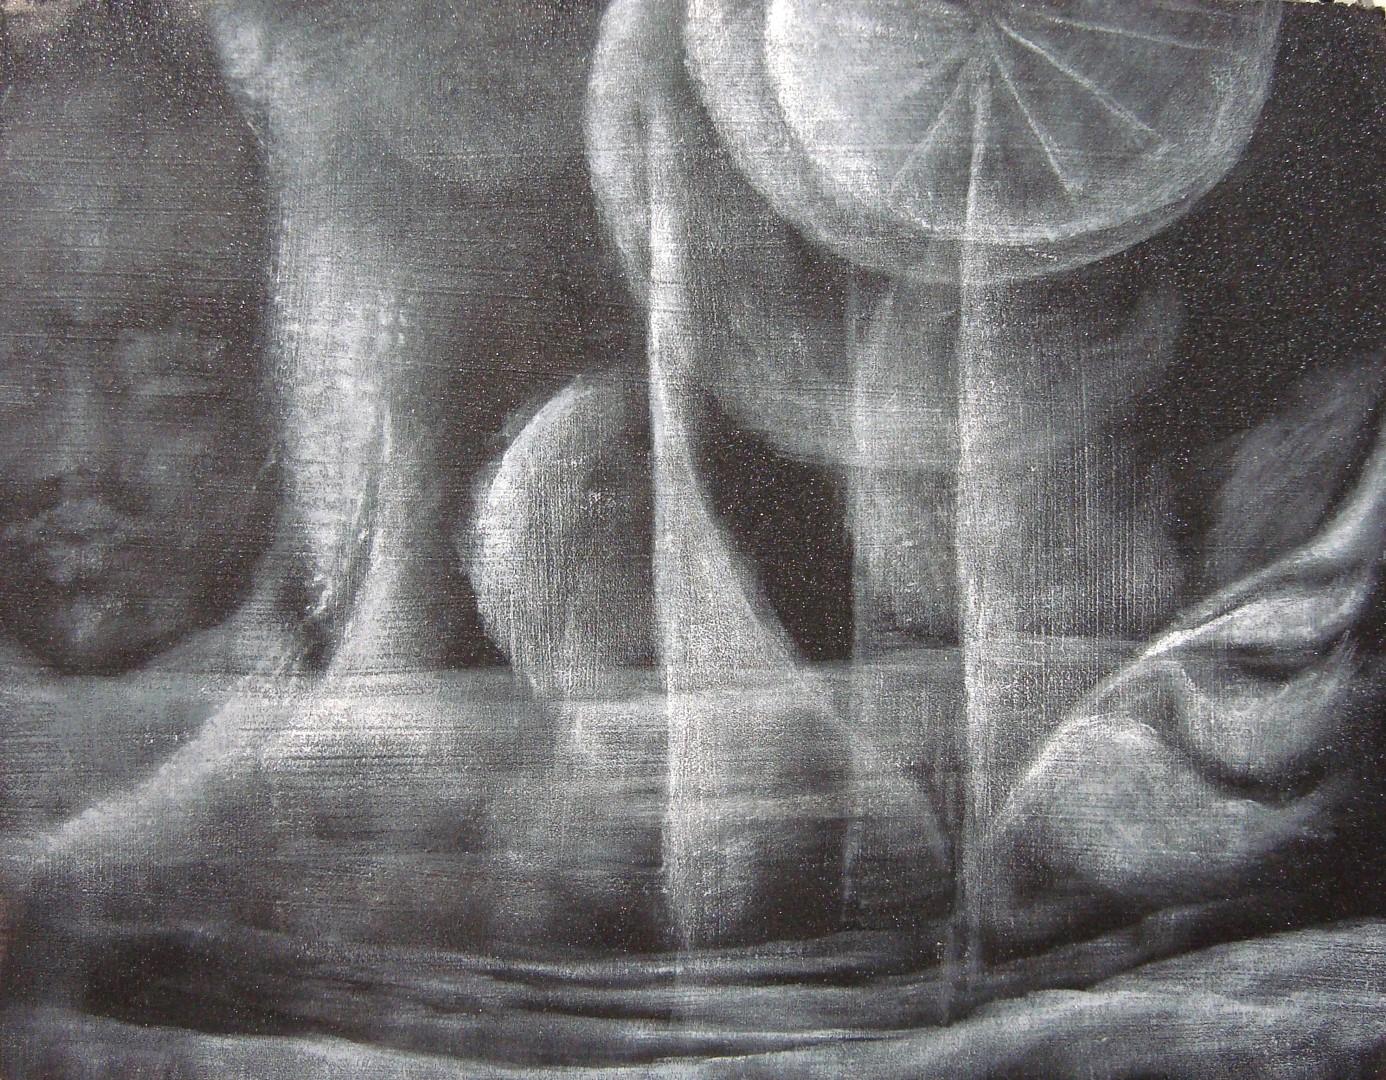 Drybrush Painting